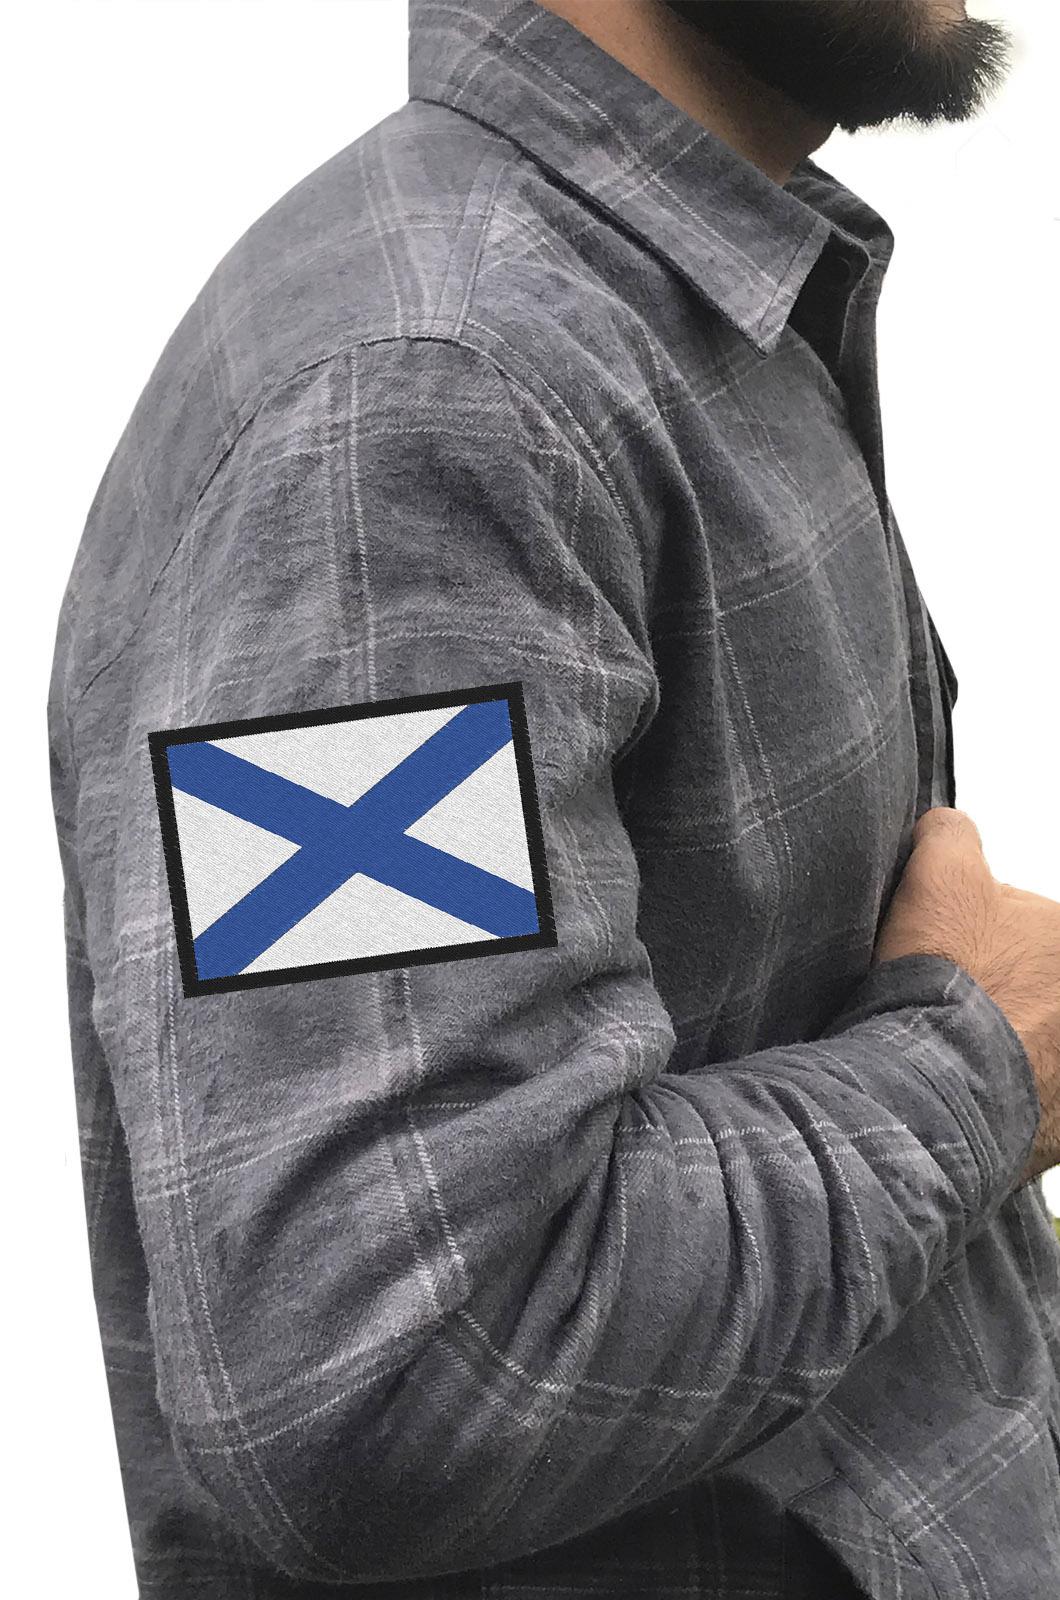 Клетчатая рубашка с Андреевским флагом купить в розницу